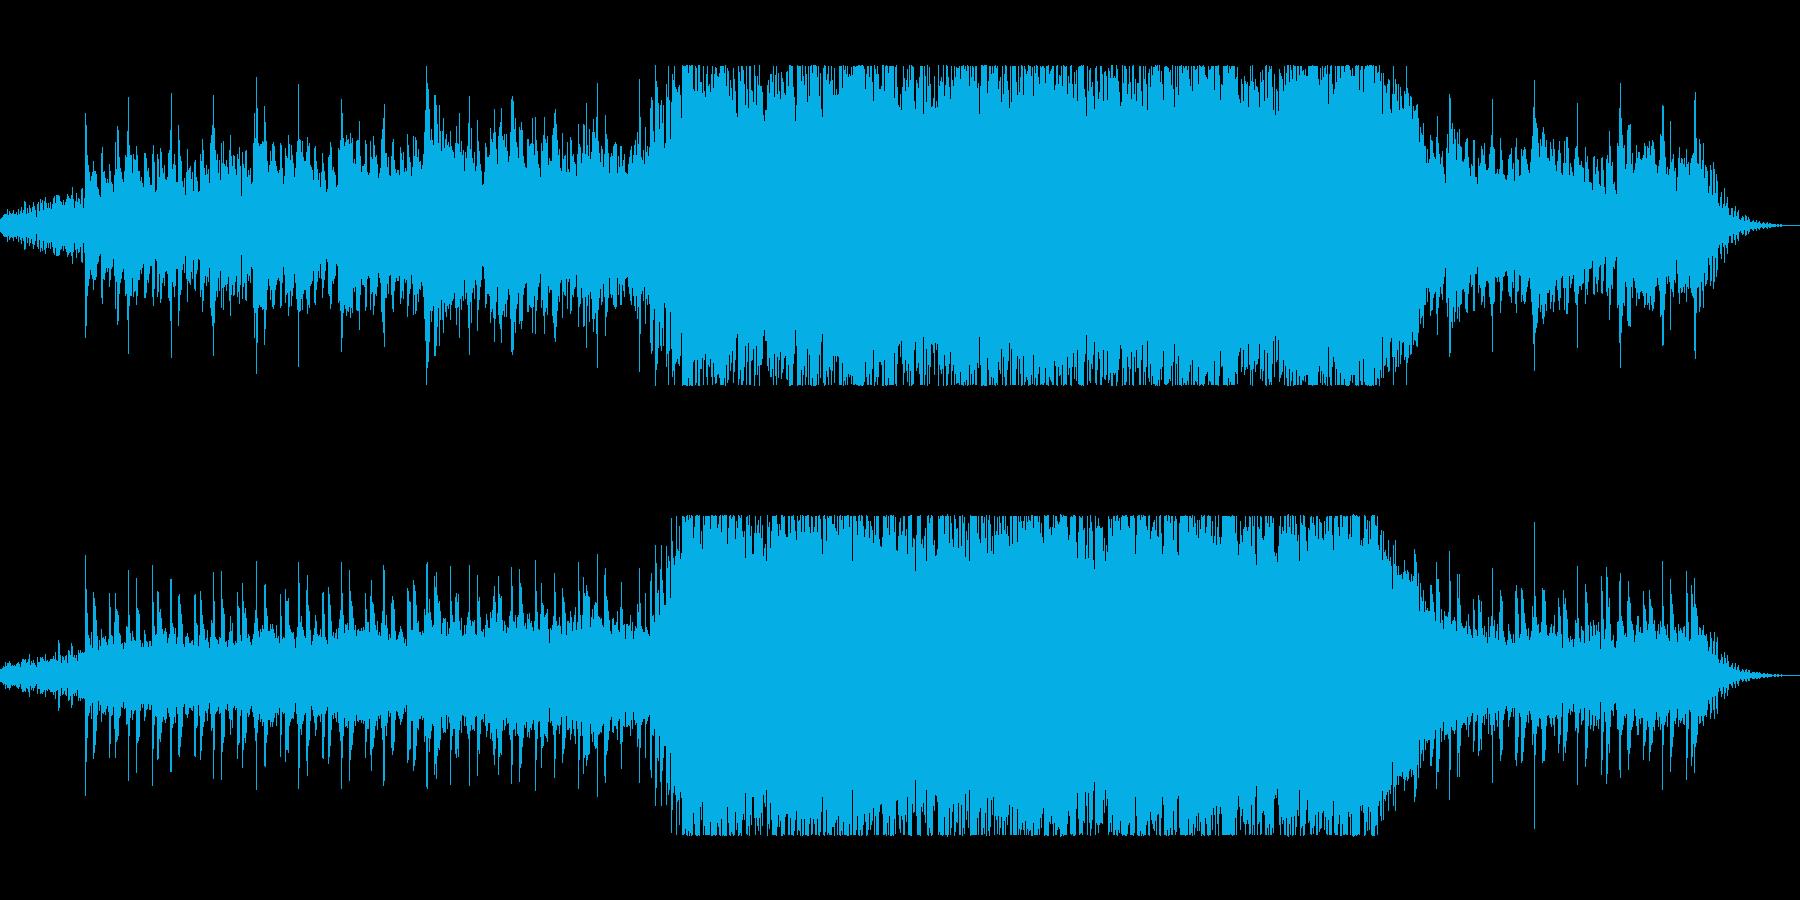 ディレイ・ギターと変拍子のニューロックの再生済みの波形